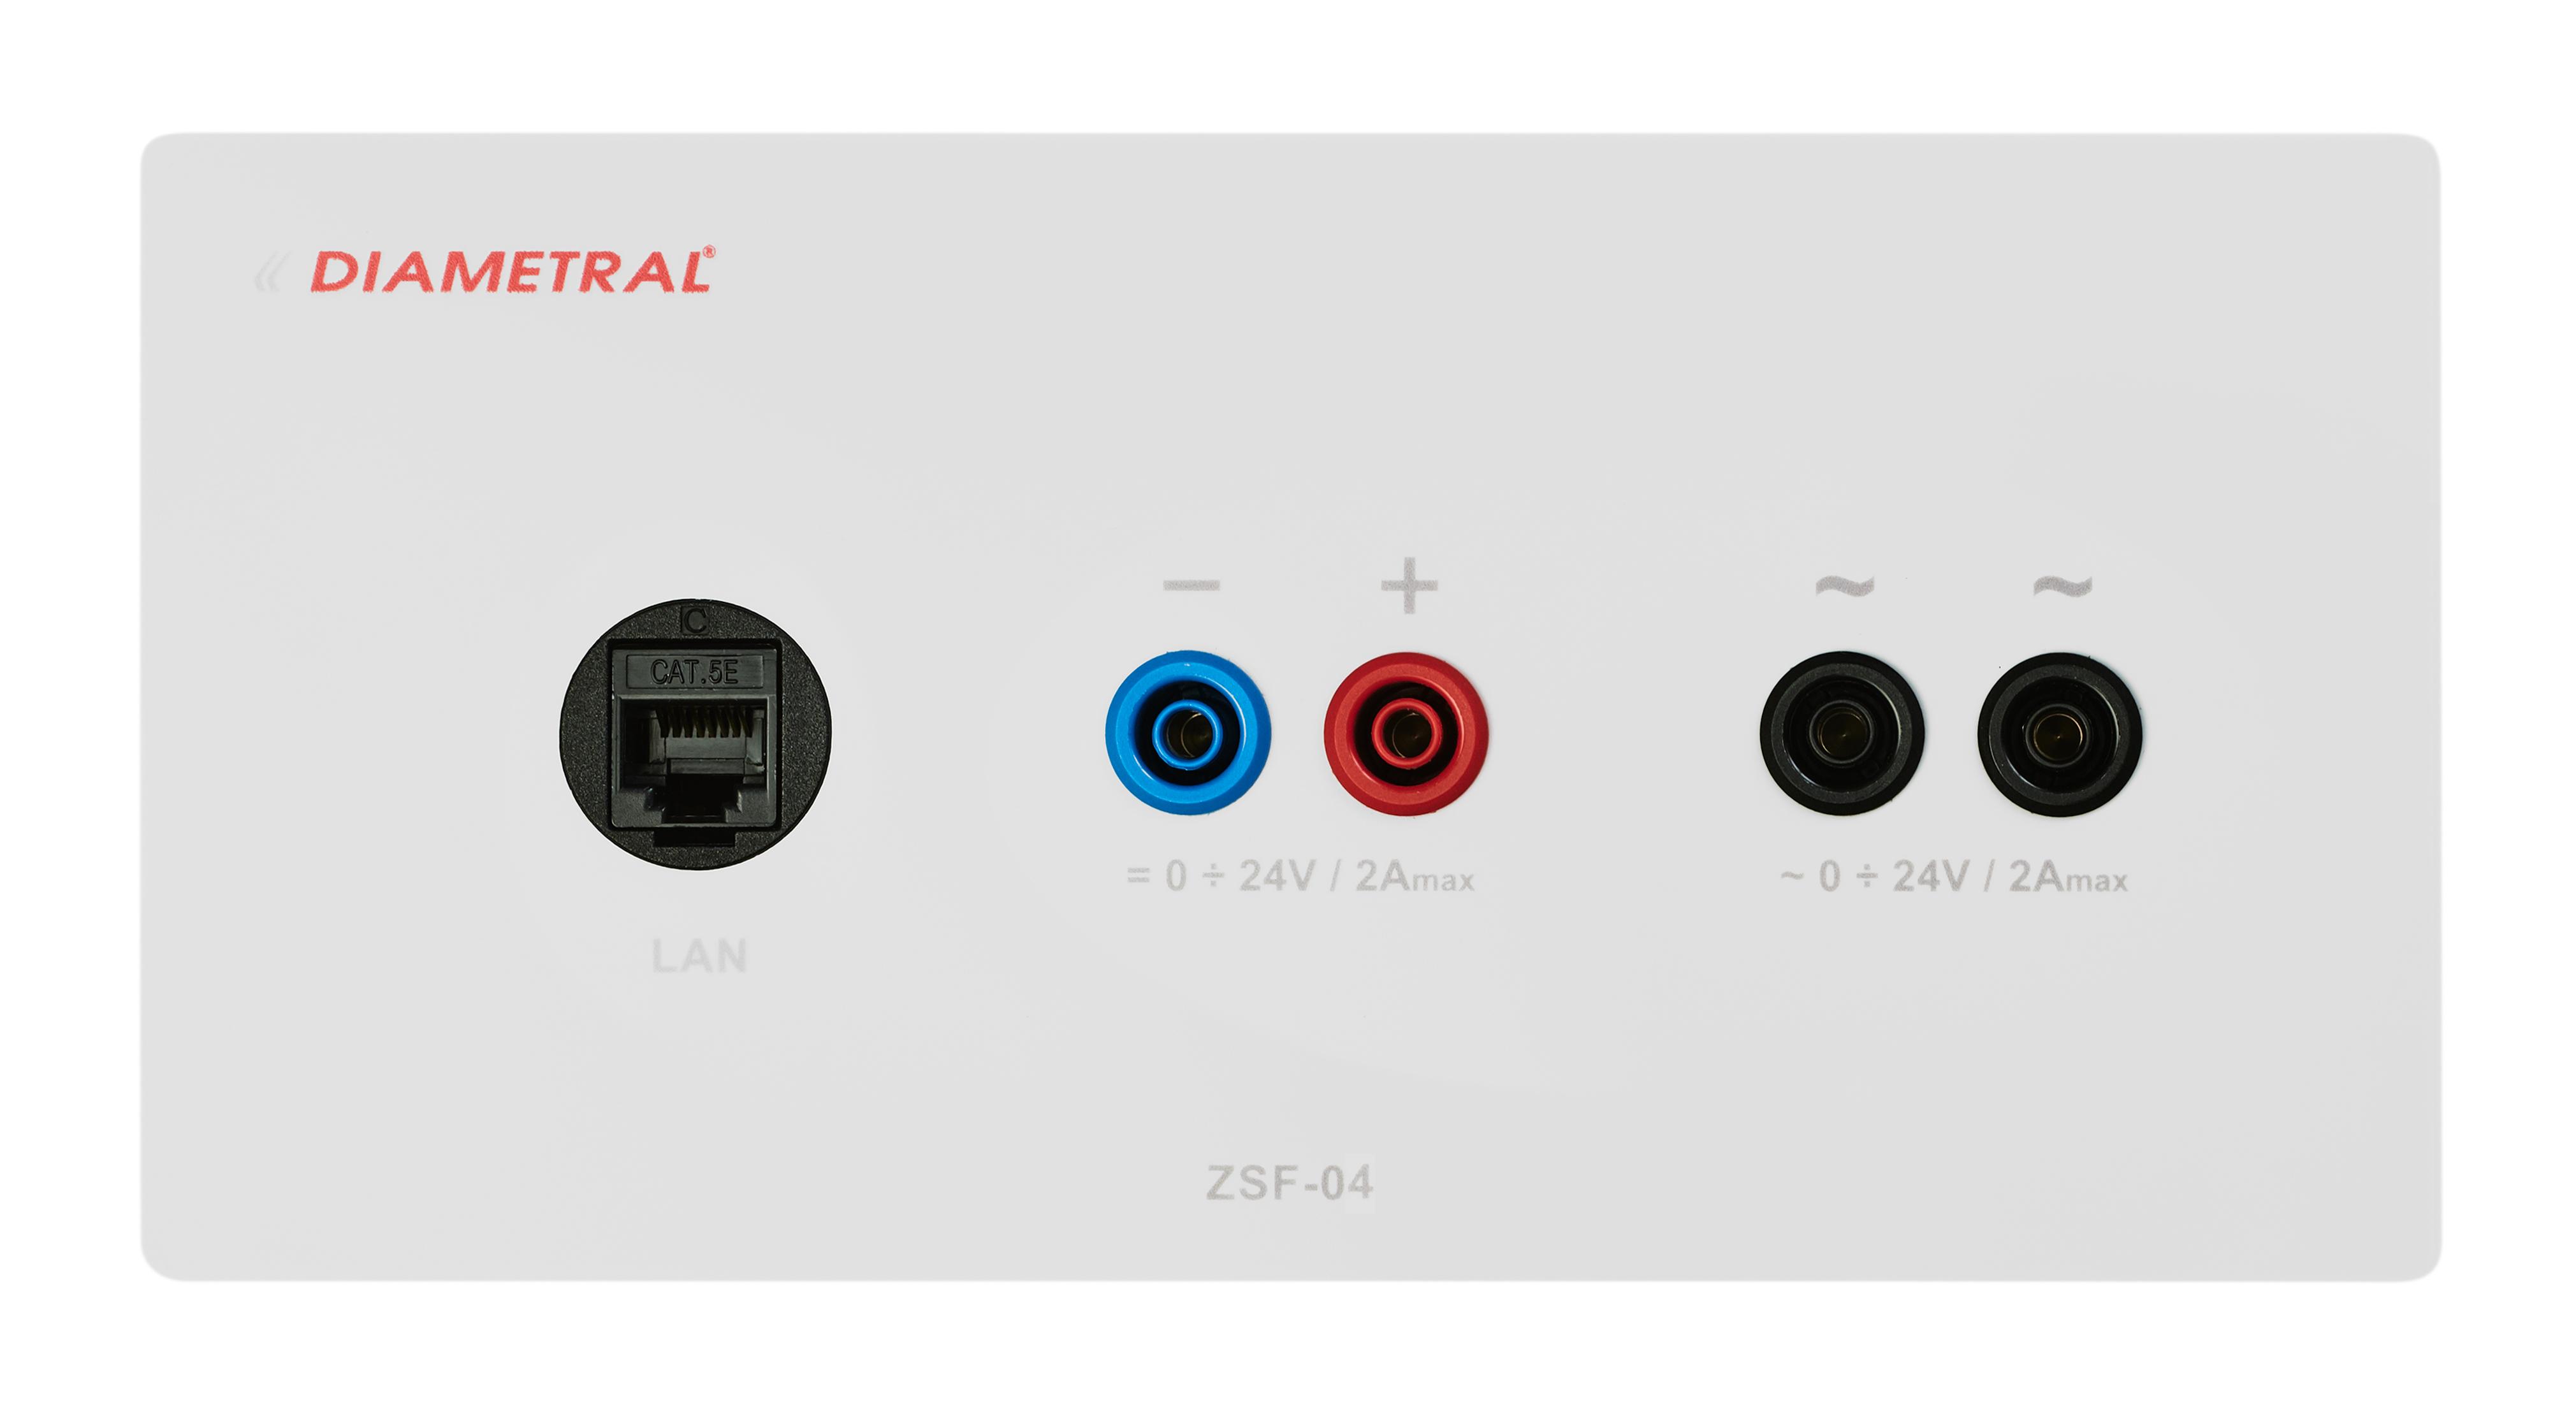 Energetik ZSF-04